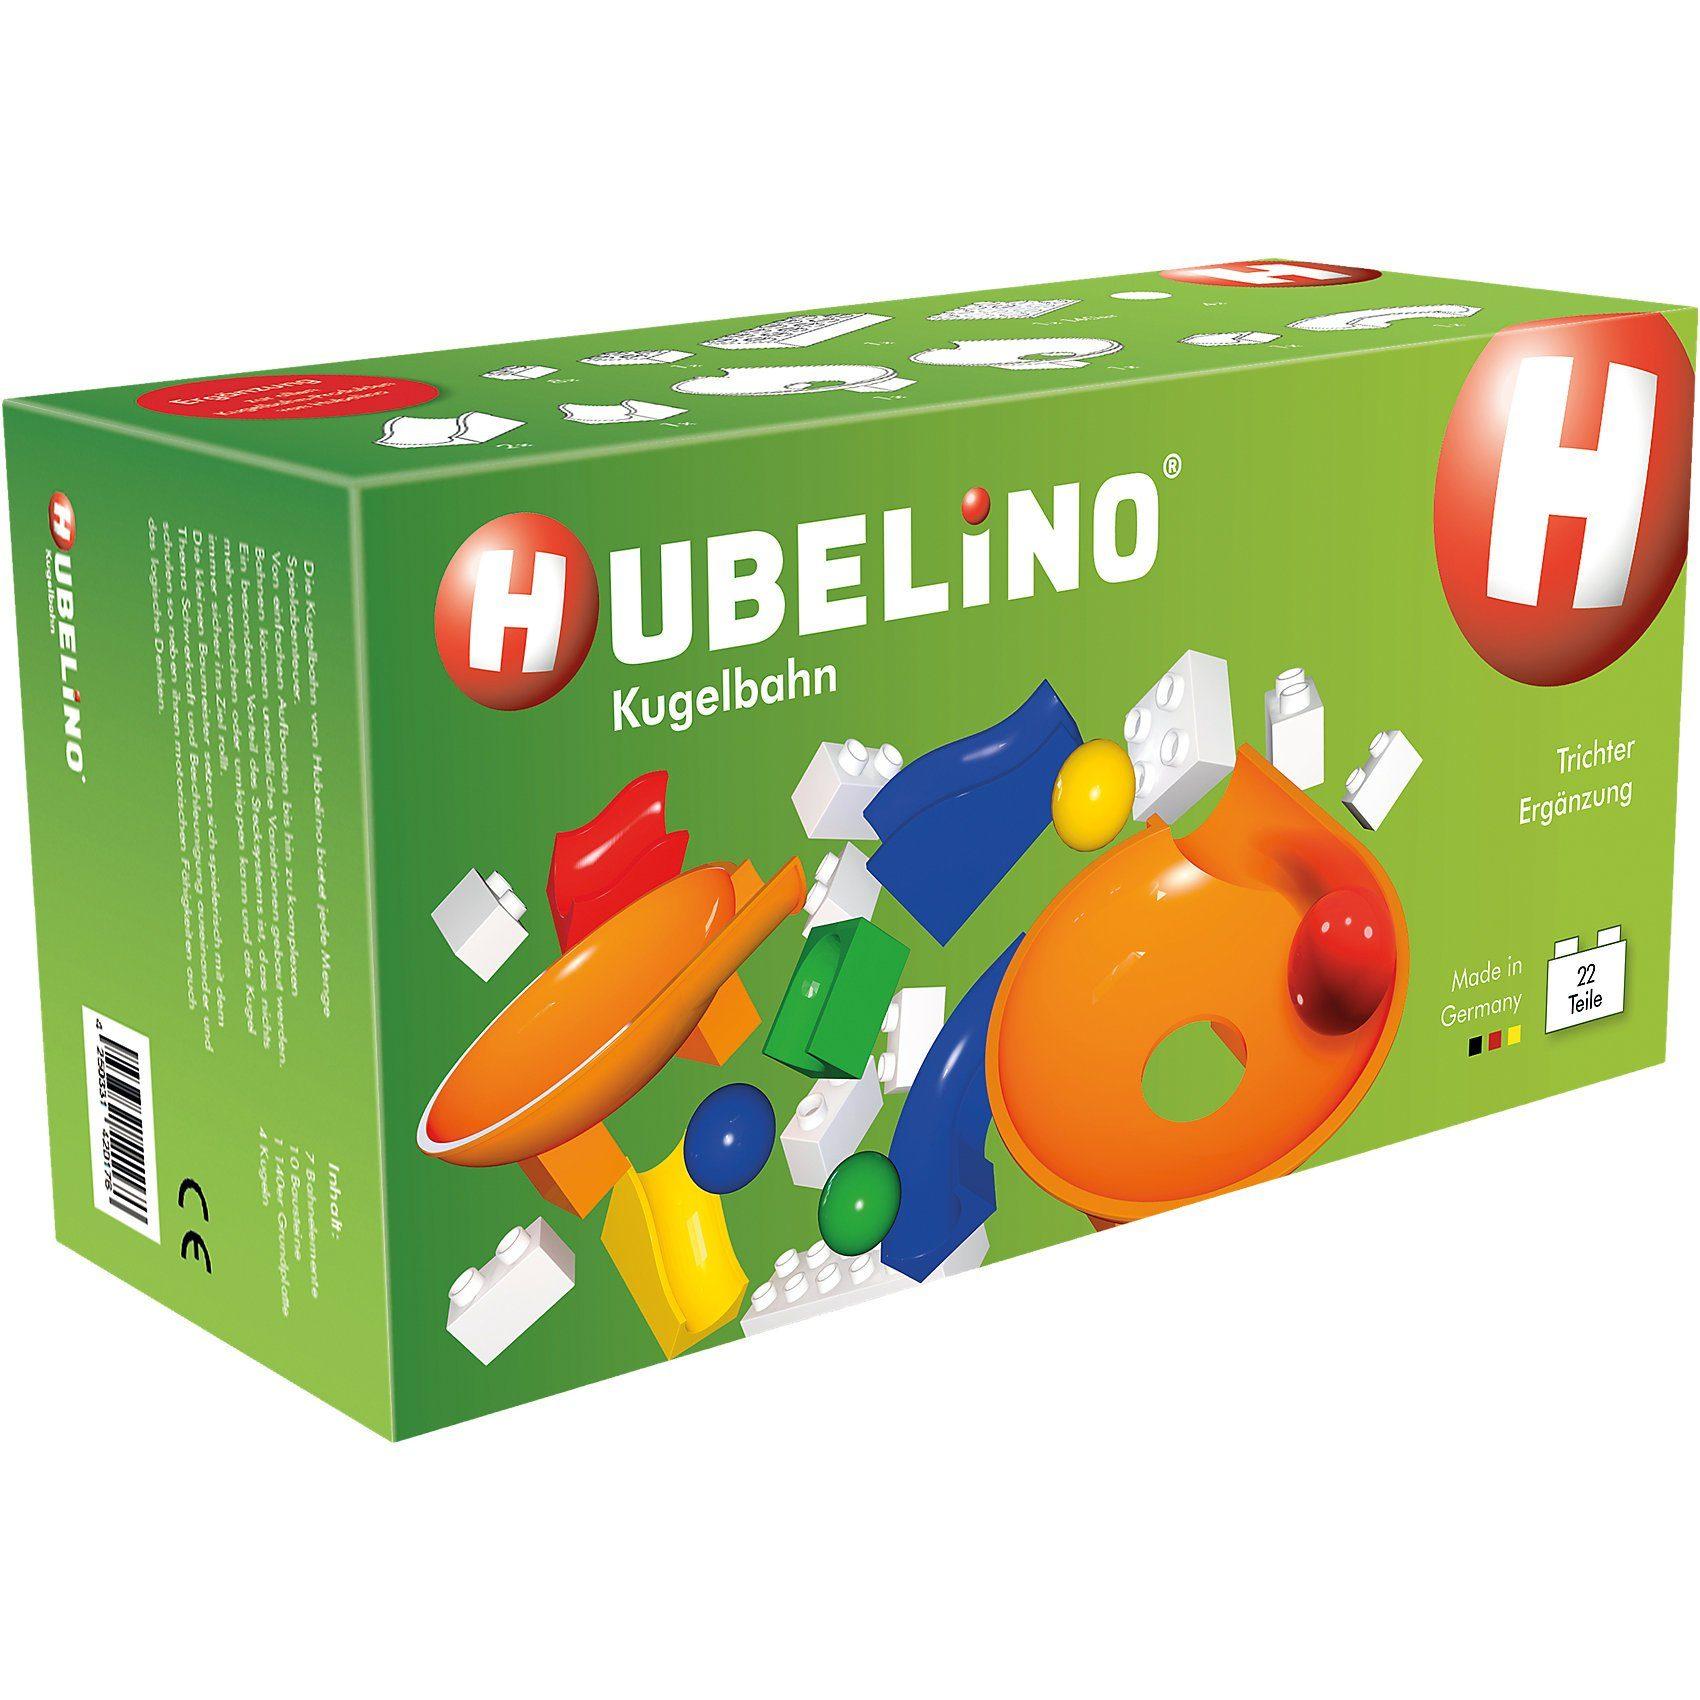 Hubelino - Trichter Ergänzung, 22-tlg.